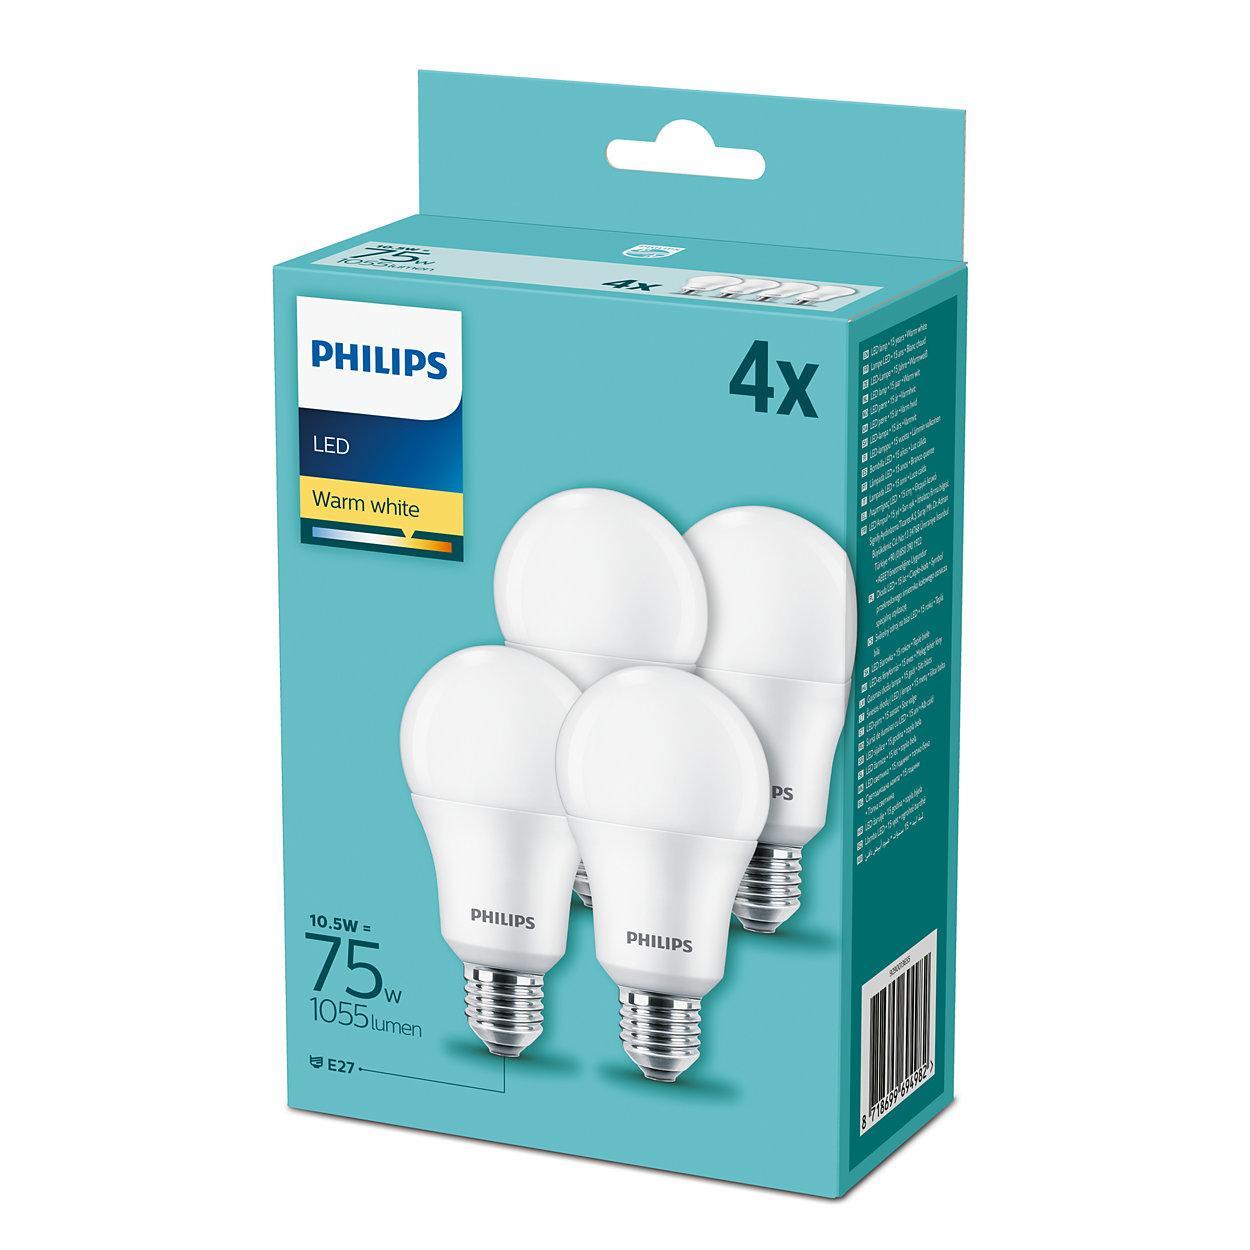 Kit 4 Lampadine Led Philips 10w - 75w E27 Luce bianca calda 2700°K